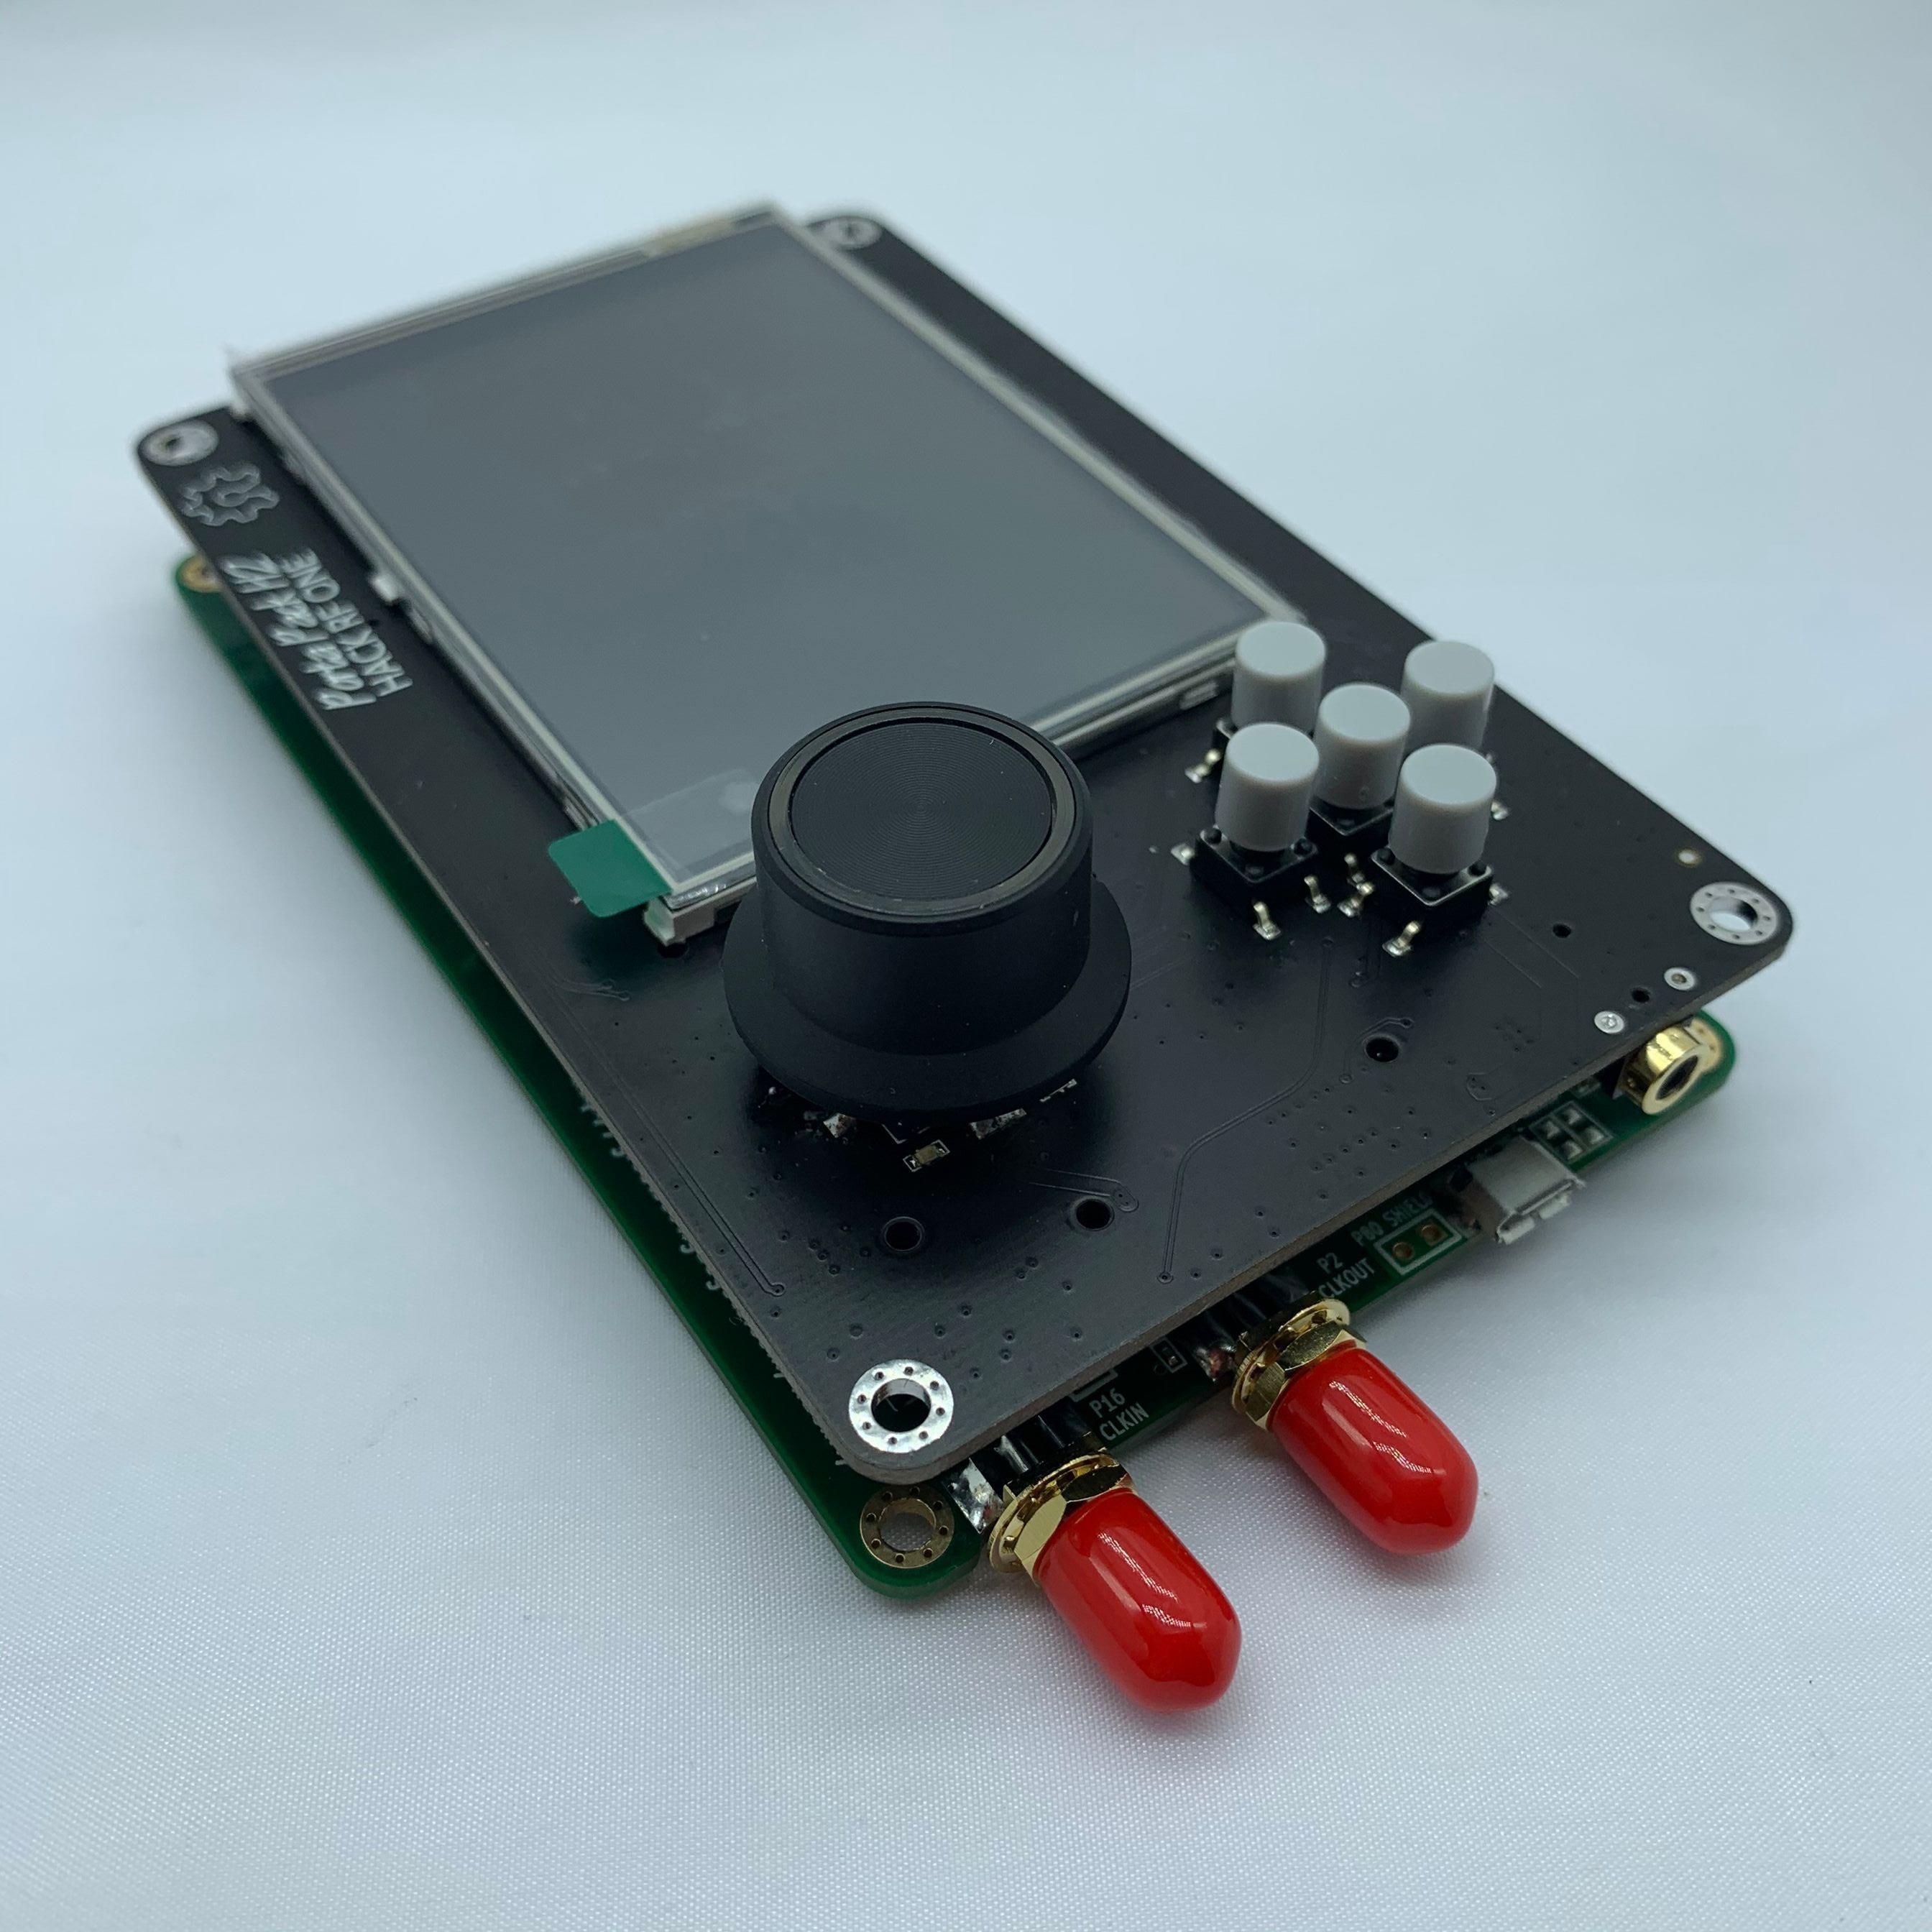 2020 versão mais recente portapack h2 + hackrf um rádio sdr + destruição firmware 0.5ppm tcxo + 3.2 polegada toque lcd + 1500 mah bateria